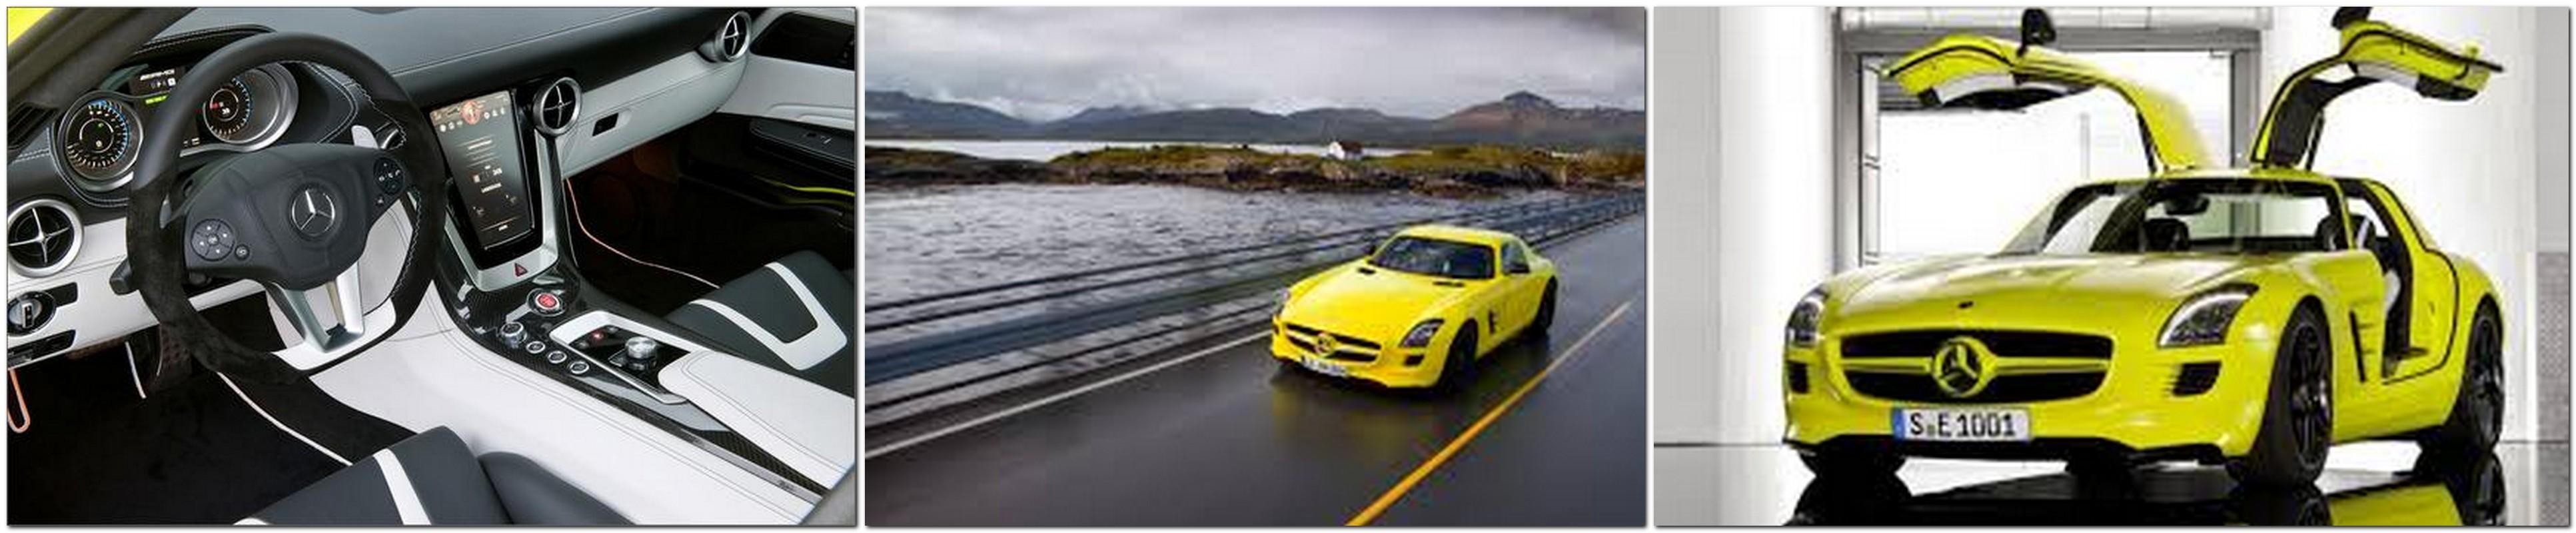 Mercedes-Benz SLS Electric Gullwing E-Cell